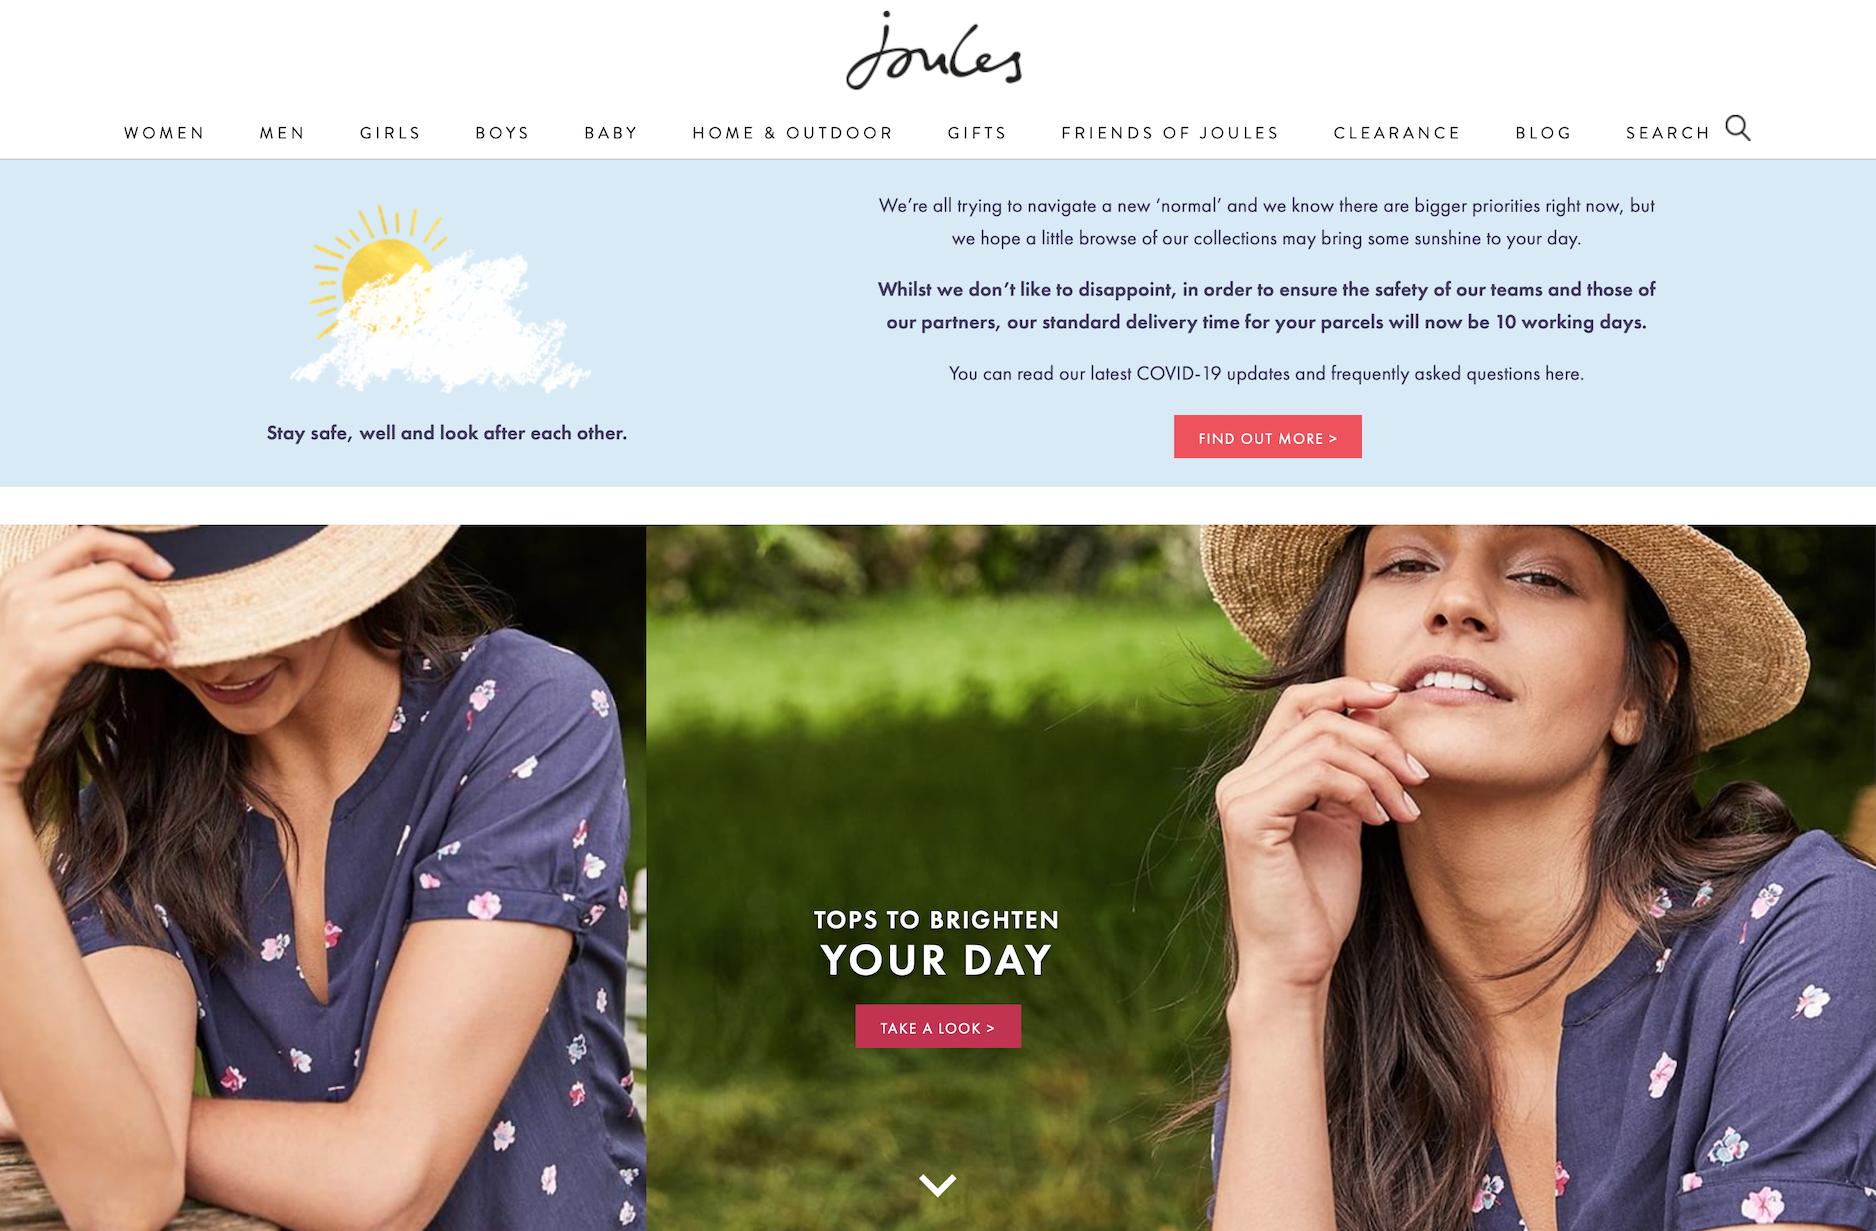 英国生活方式零售商Joules 成功完成1500万英镑增资扩股